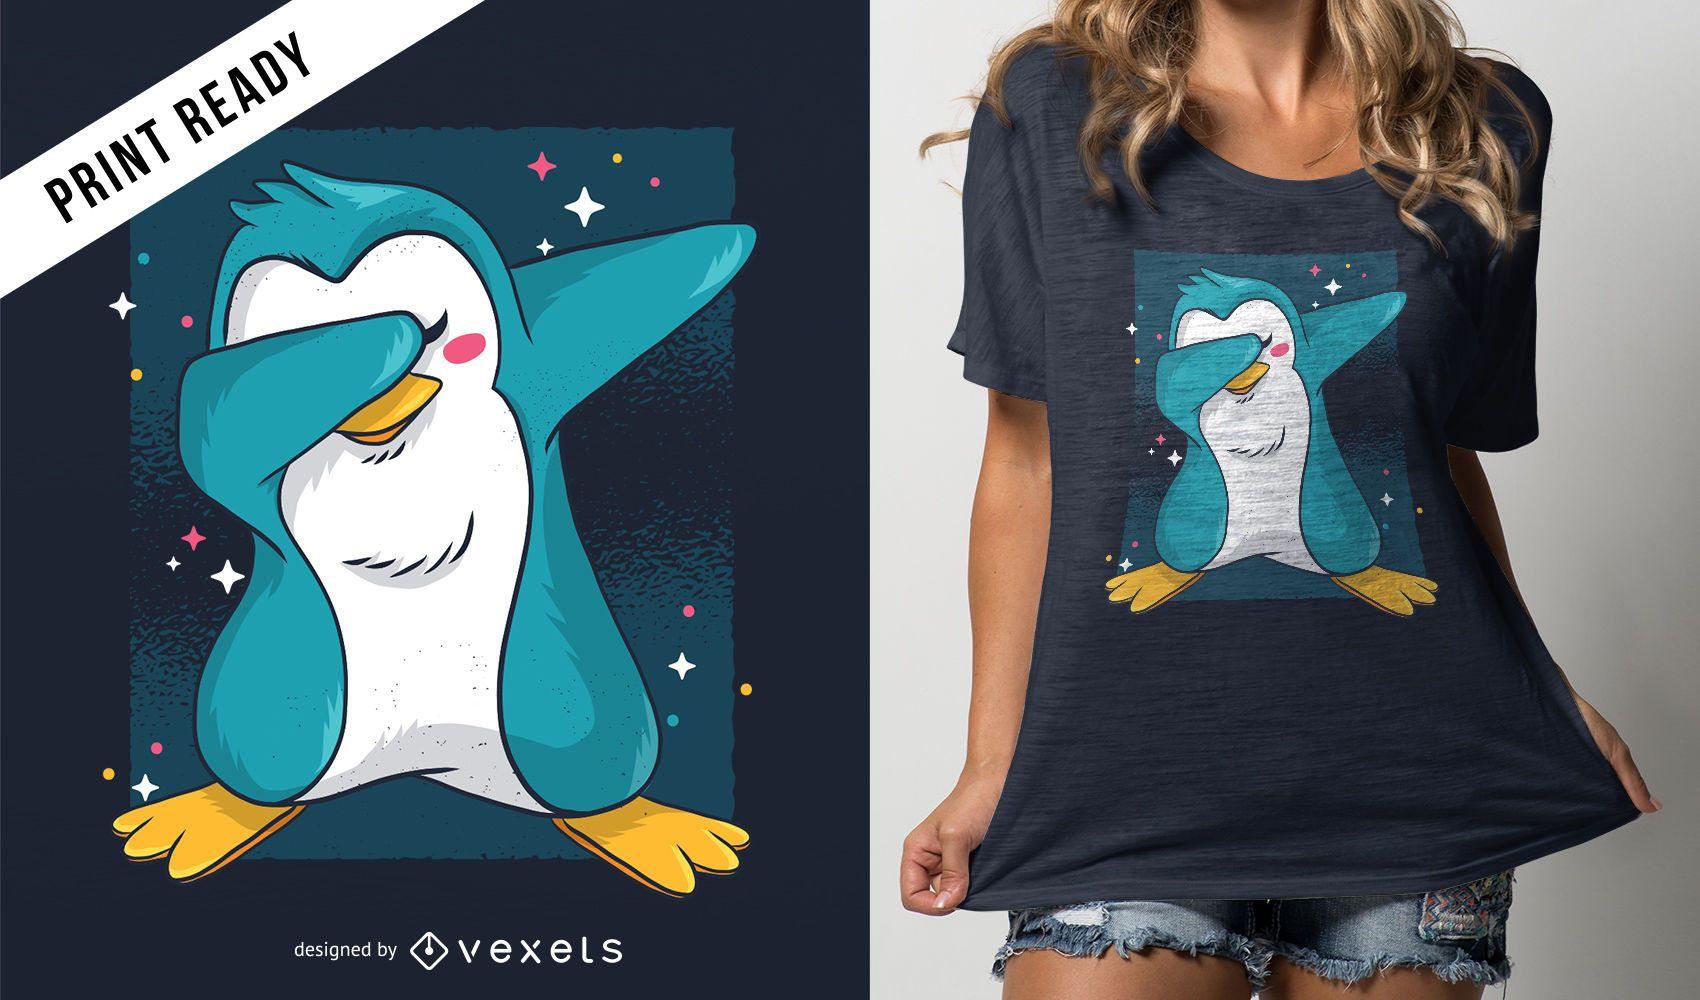 Pinguin tupfen T-Shirt Design